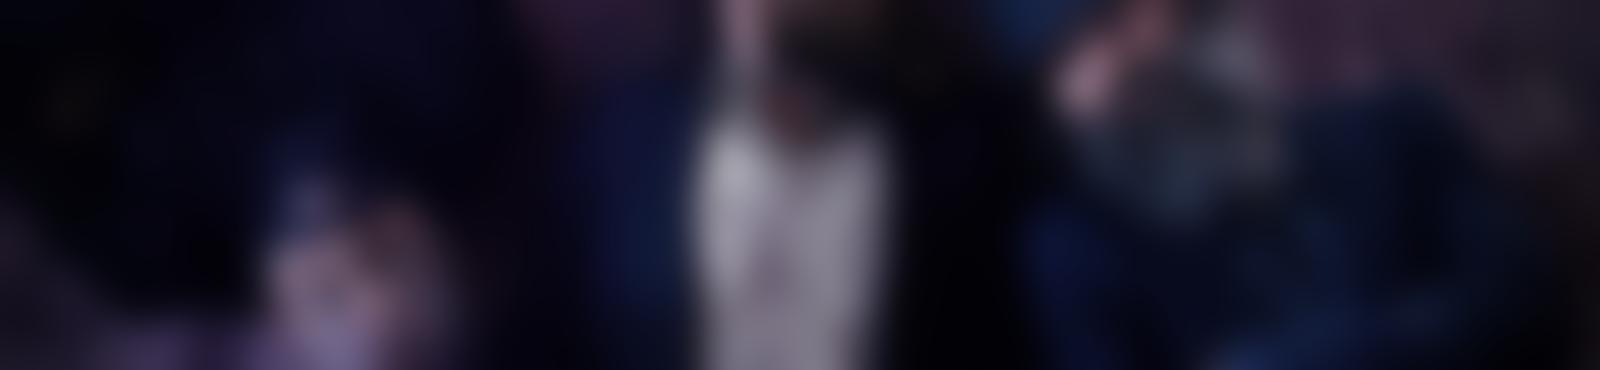 Blurred a5c60fb8 3c19 44bd 953f 3c4f1bcc0591